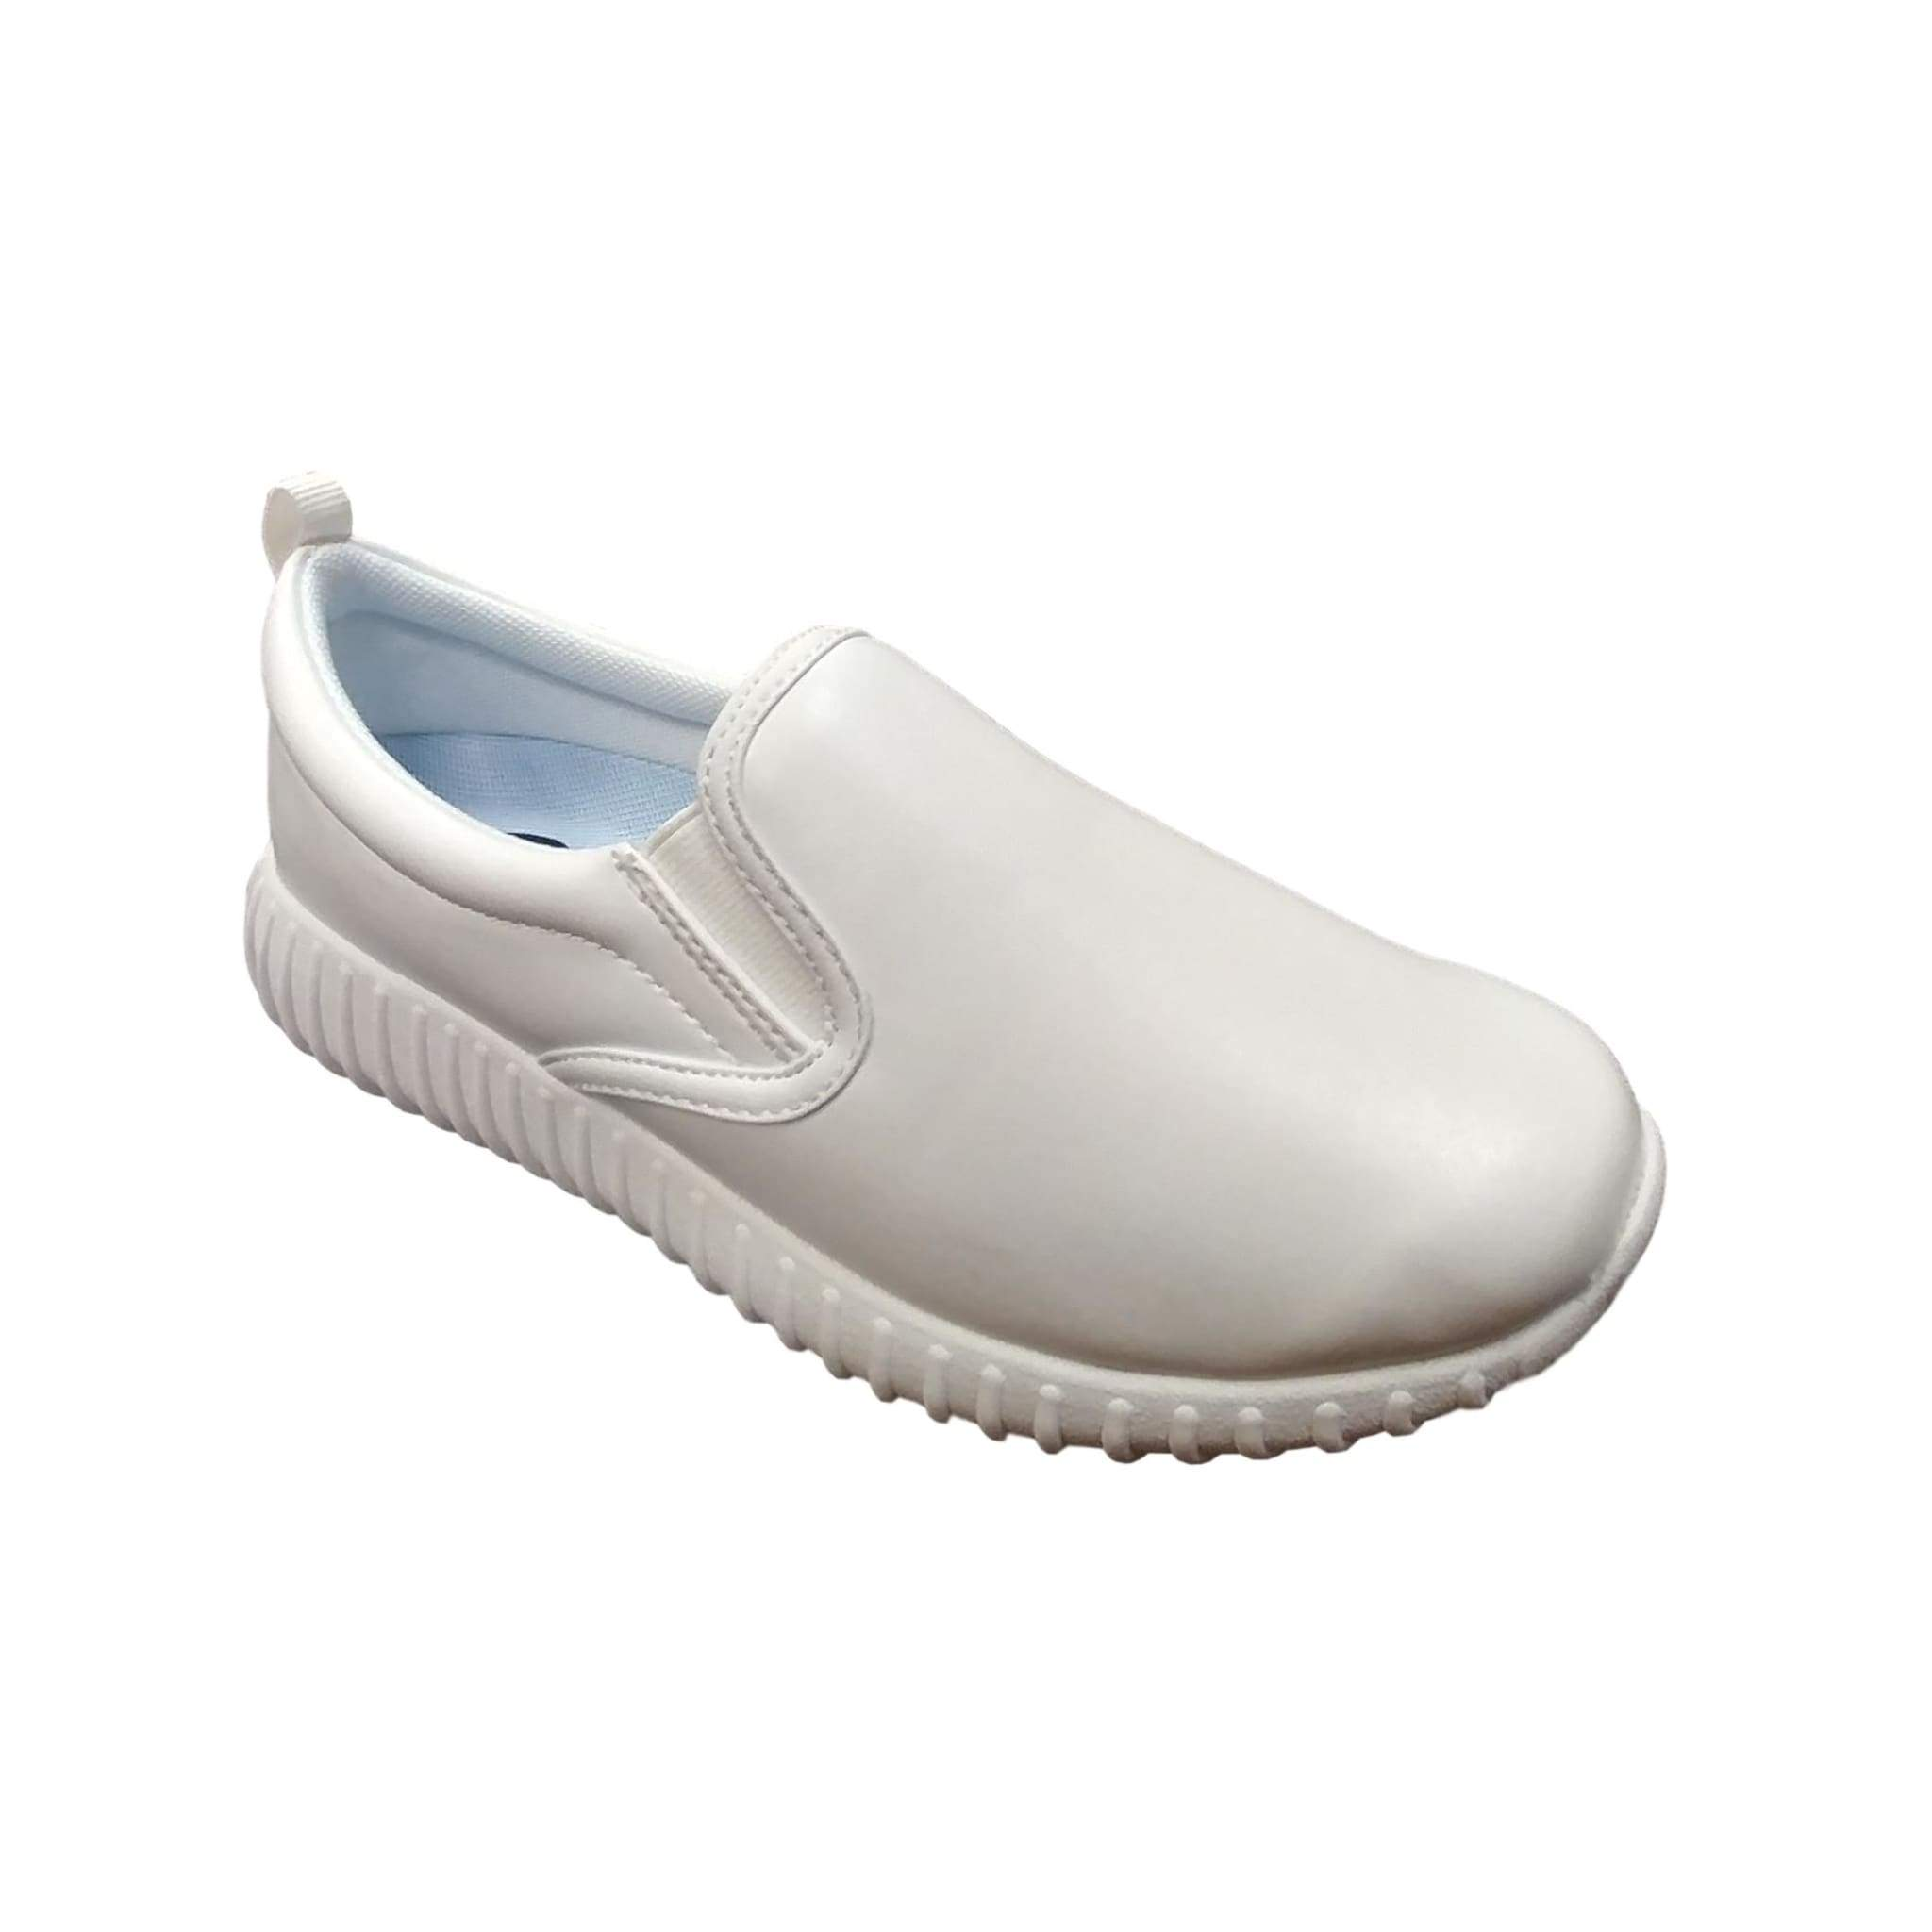 Danielle White Slip Resistant Nursing